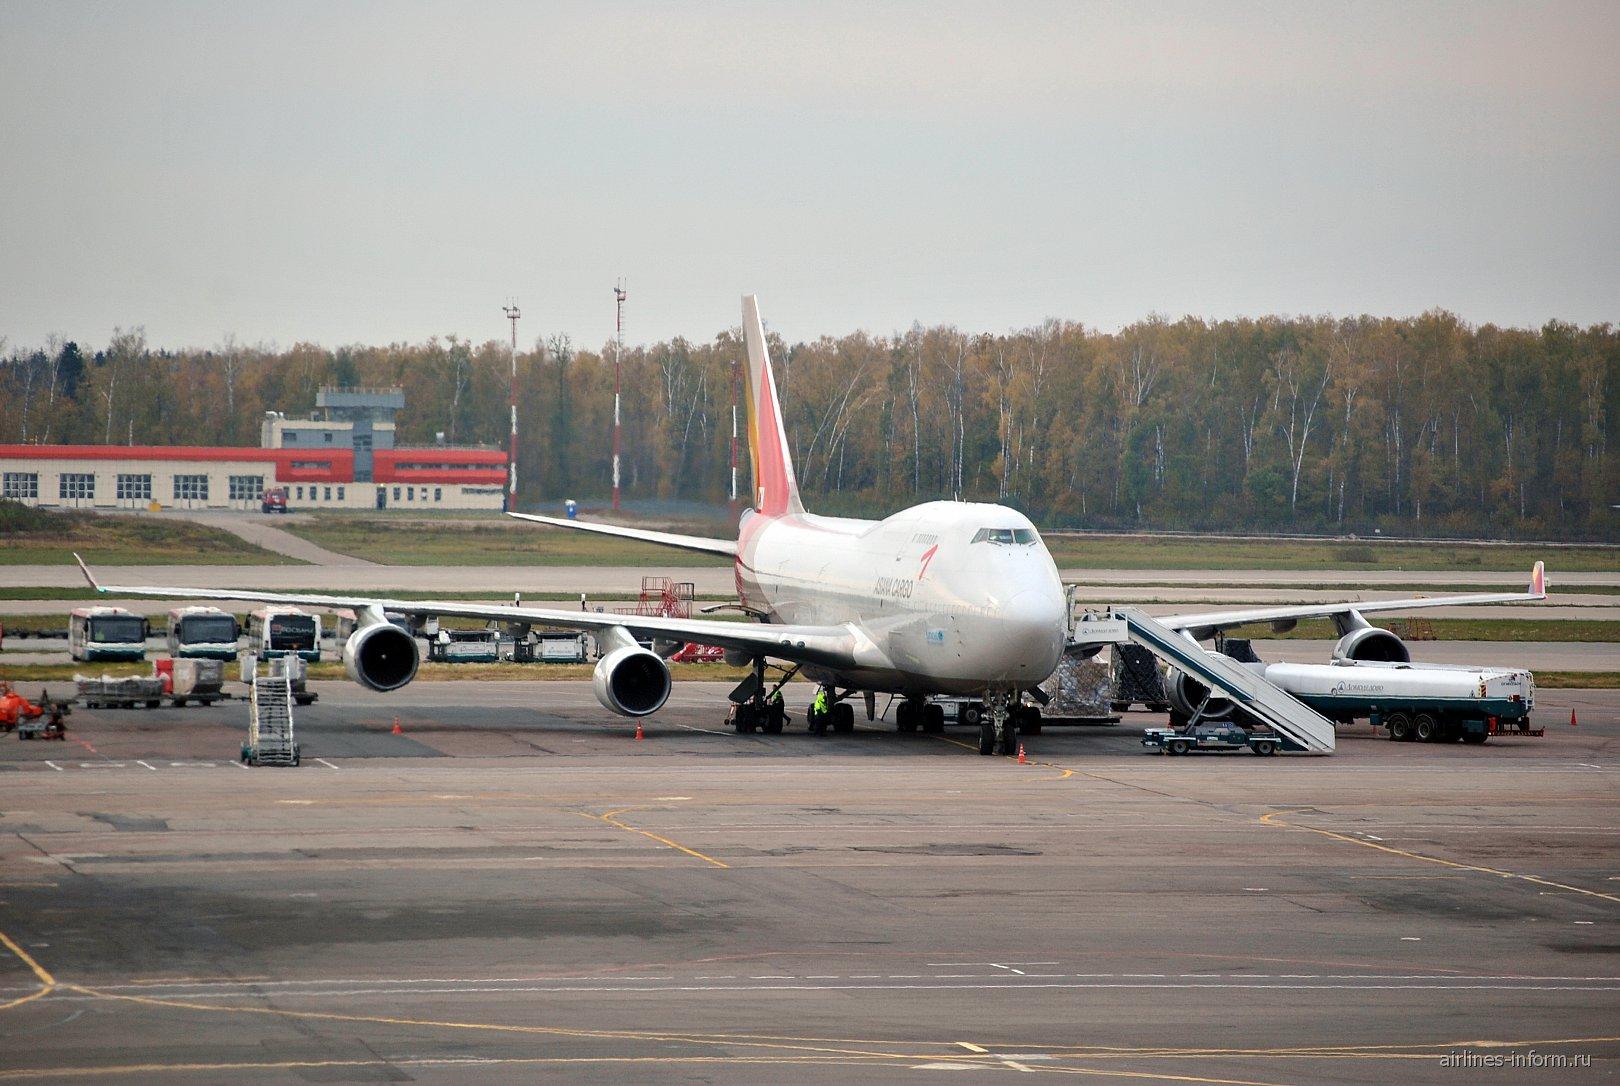 Грузовой самолет Боинг-747-400 HL7618 авиакомпании Asiana Cargo в аэропорту Домодедово